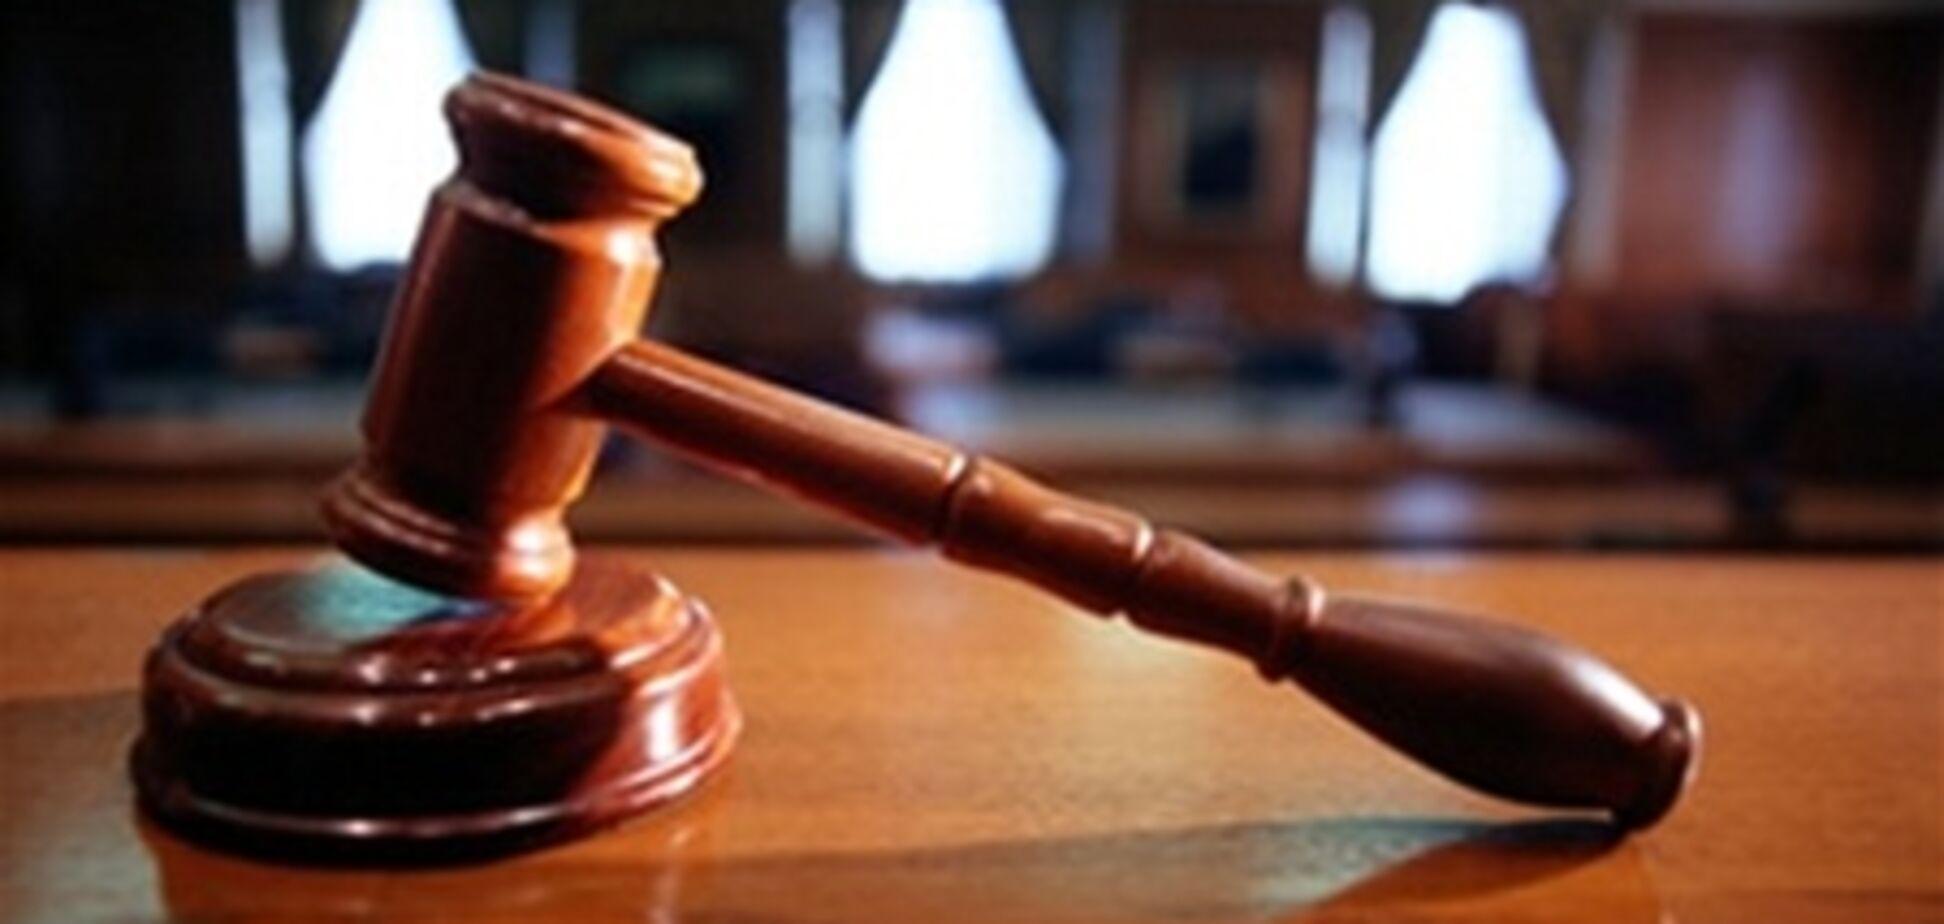 Племянник экс-президента Туниса бен Али предстал перед судом